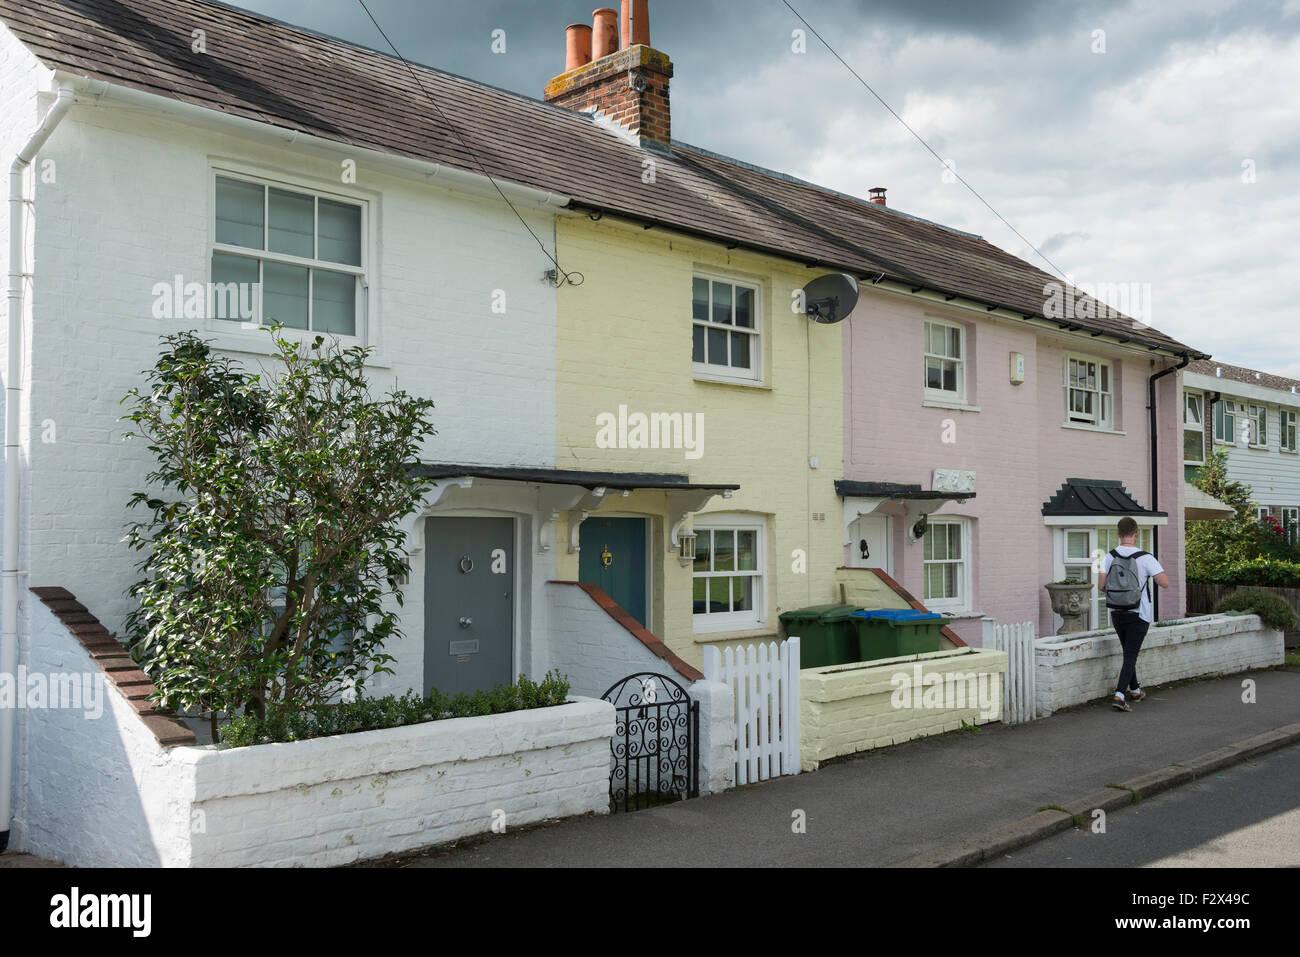 File colorate di cottages, Inclinazione verde, Cobham, Surrey, England, Regno Unito Immagini Stock